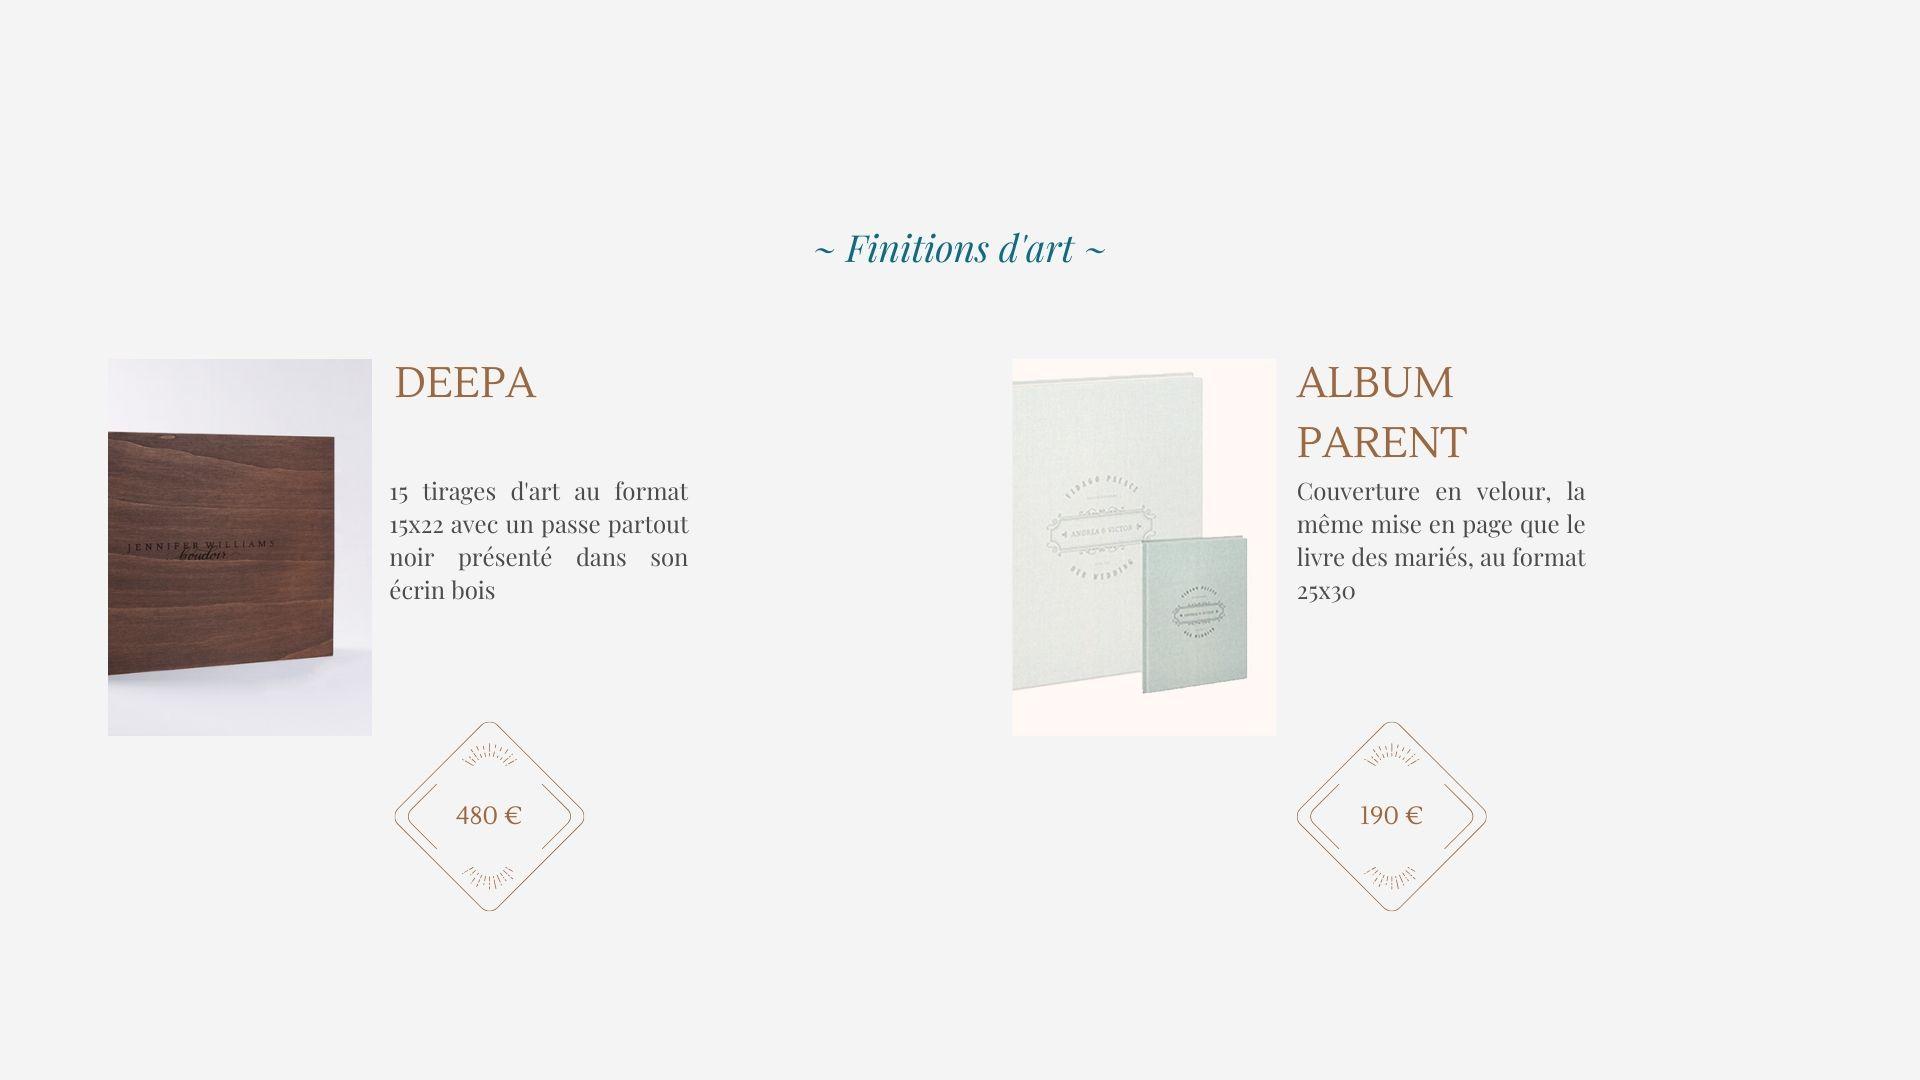 presentation de deux albums d'art réalisé artisanalement